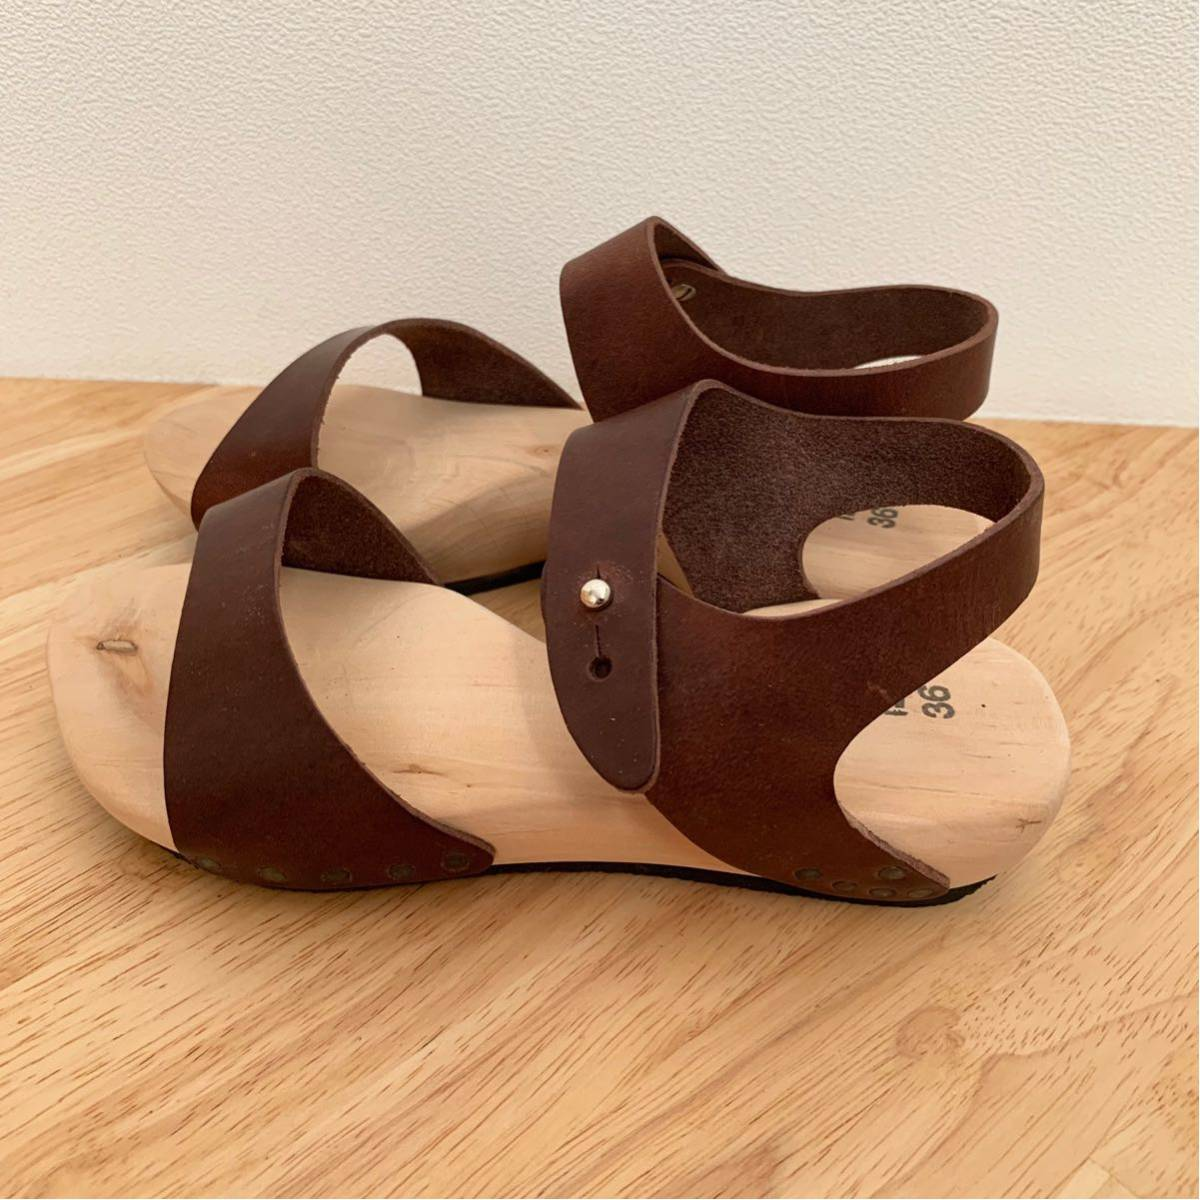 新品★trippen ウッド レザーサンダル joy ブラウン 36 ジョイ 茶色 トリッペン 靴 ドイツ_画像3